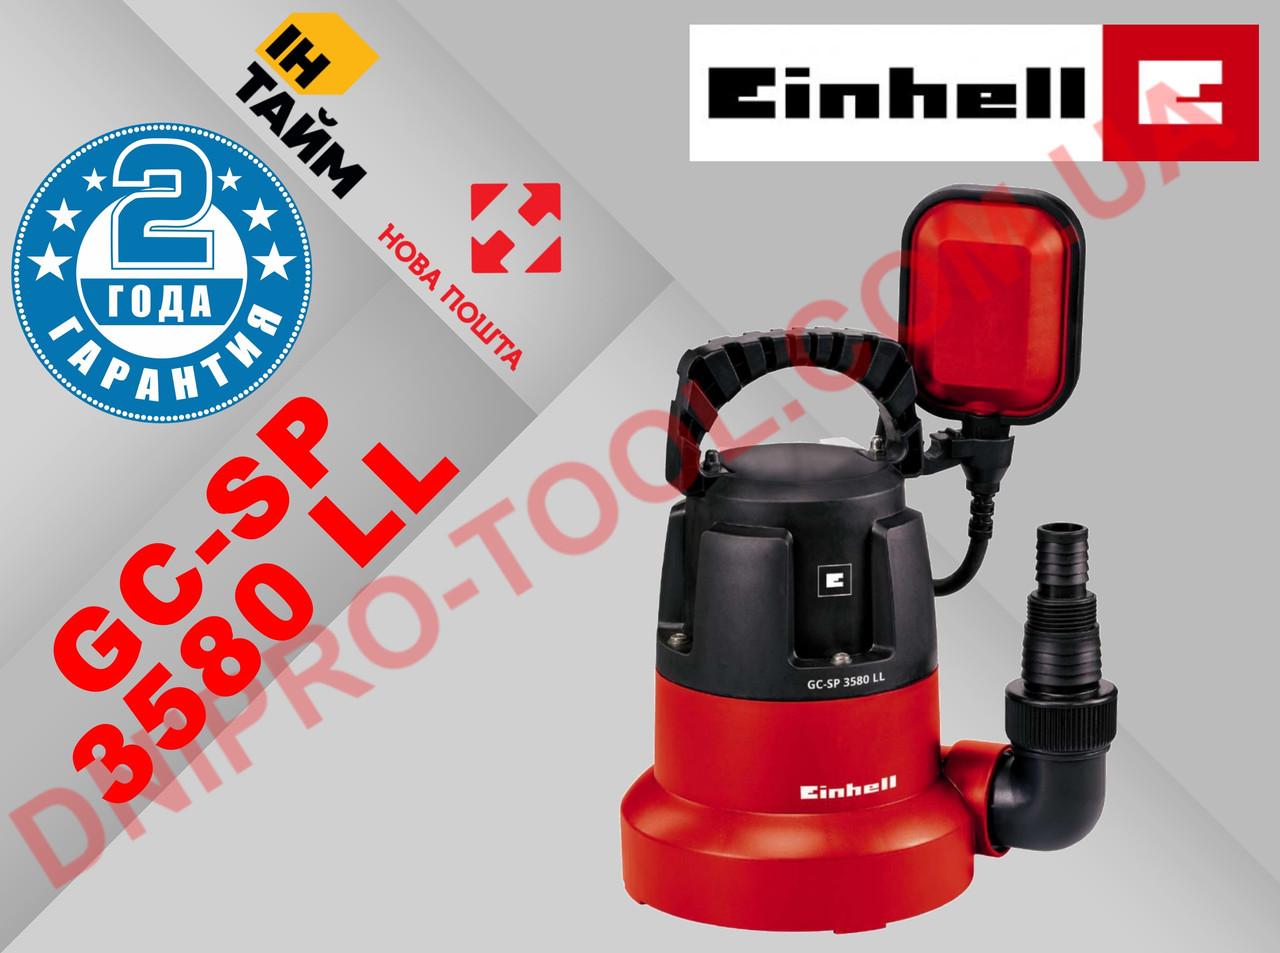 Насос садовый для чистой воды Einhell GC-SP 3580 LL (4170445)